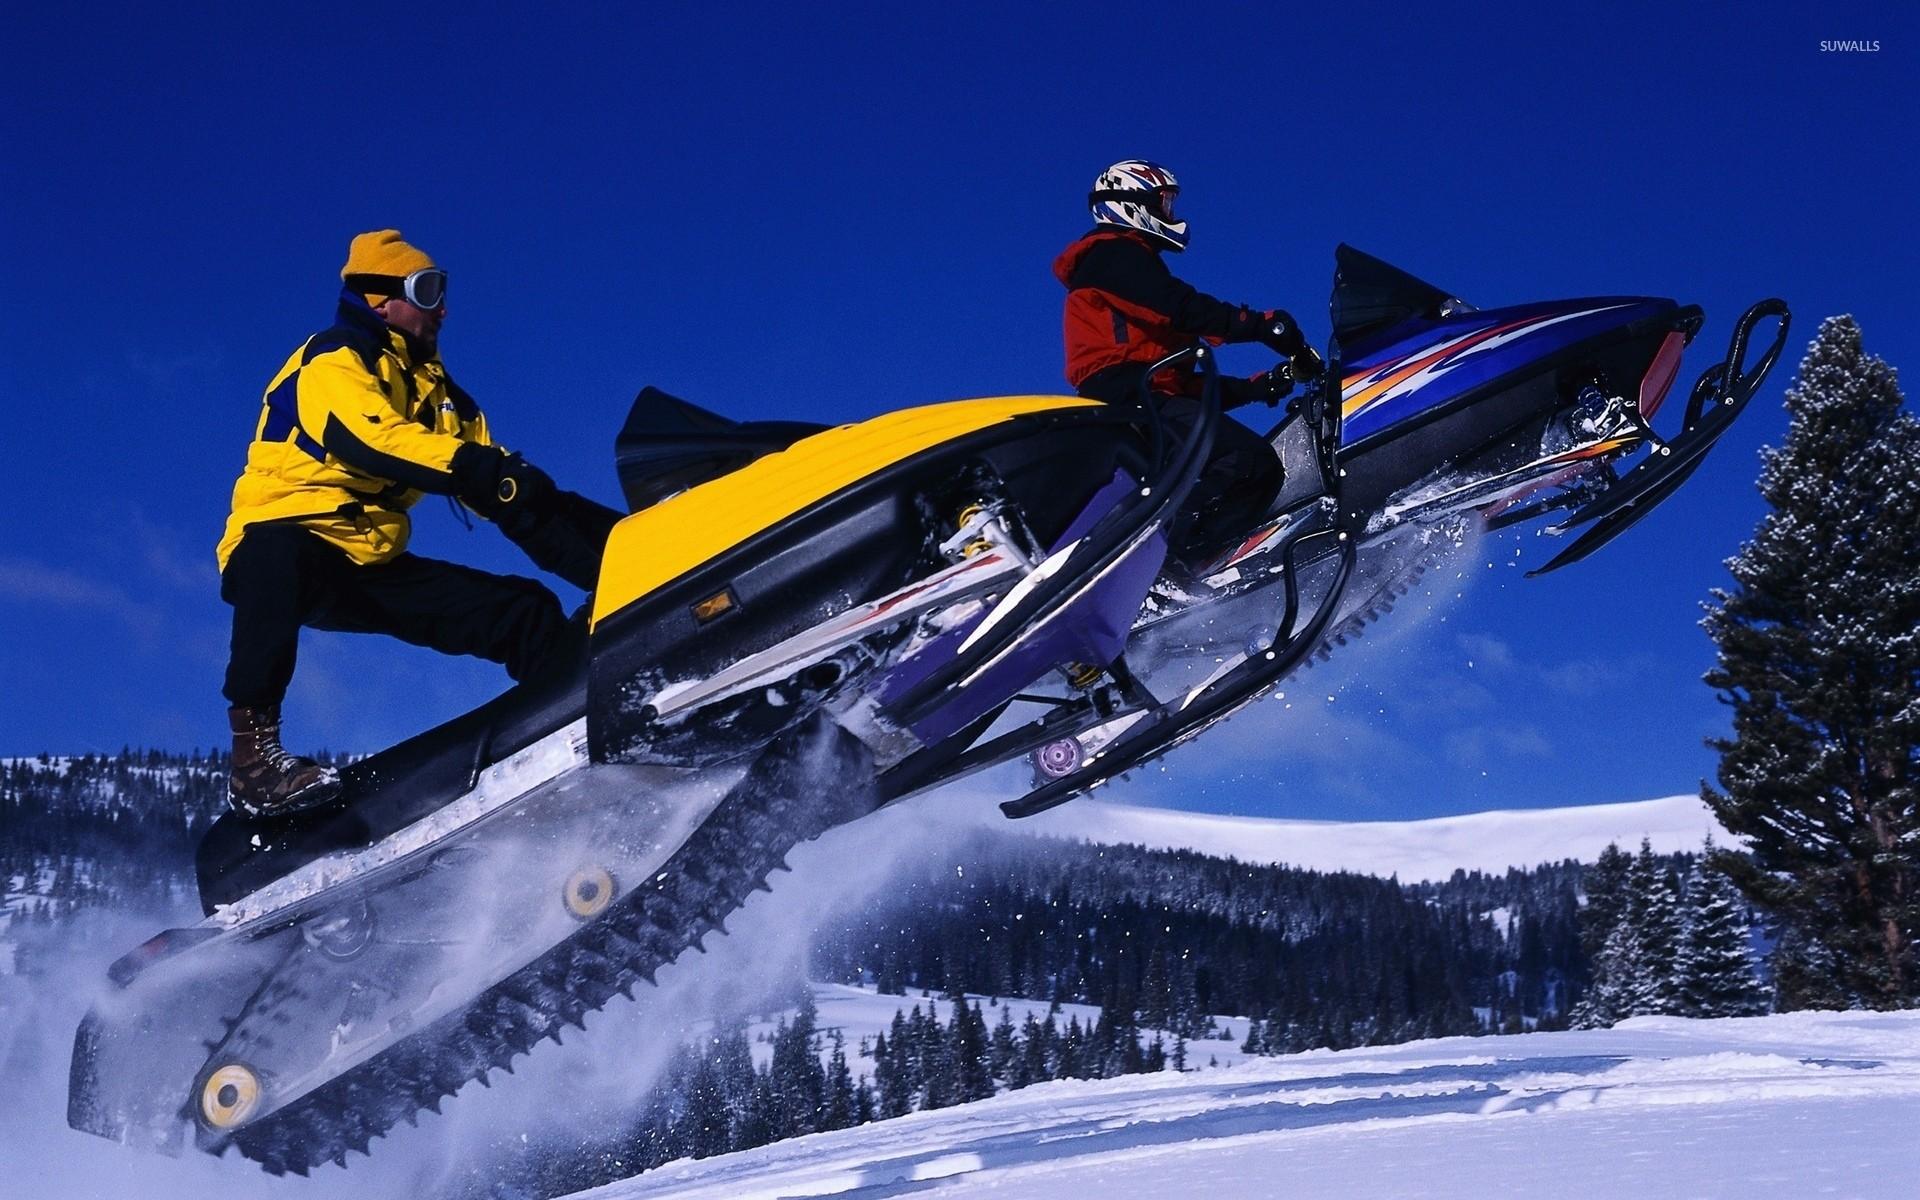 Snowmobiles wallpaper